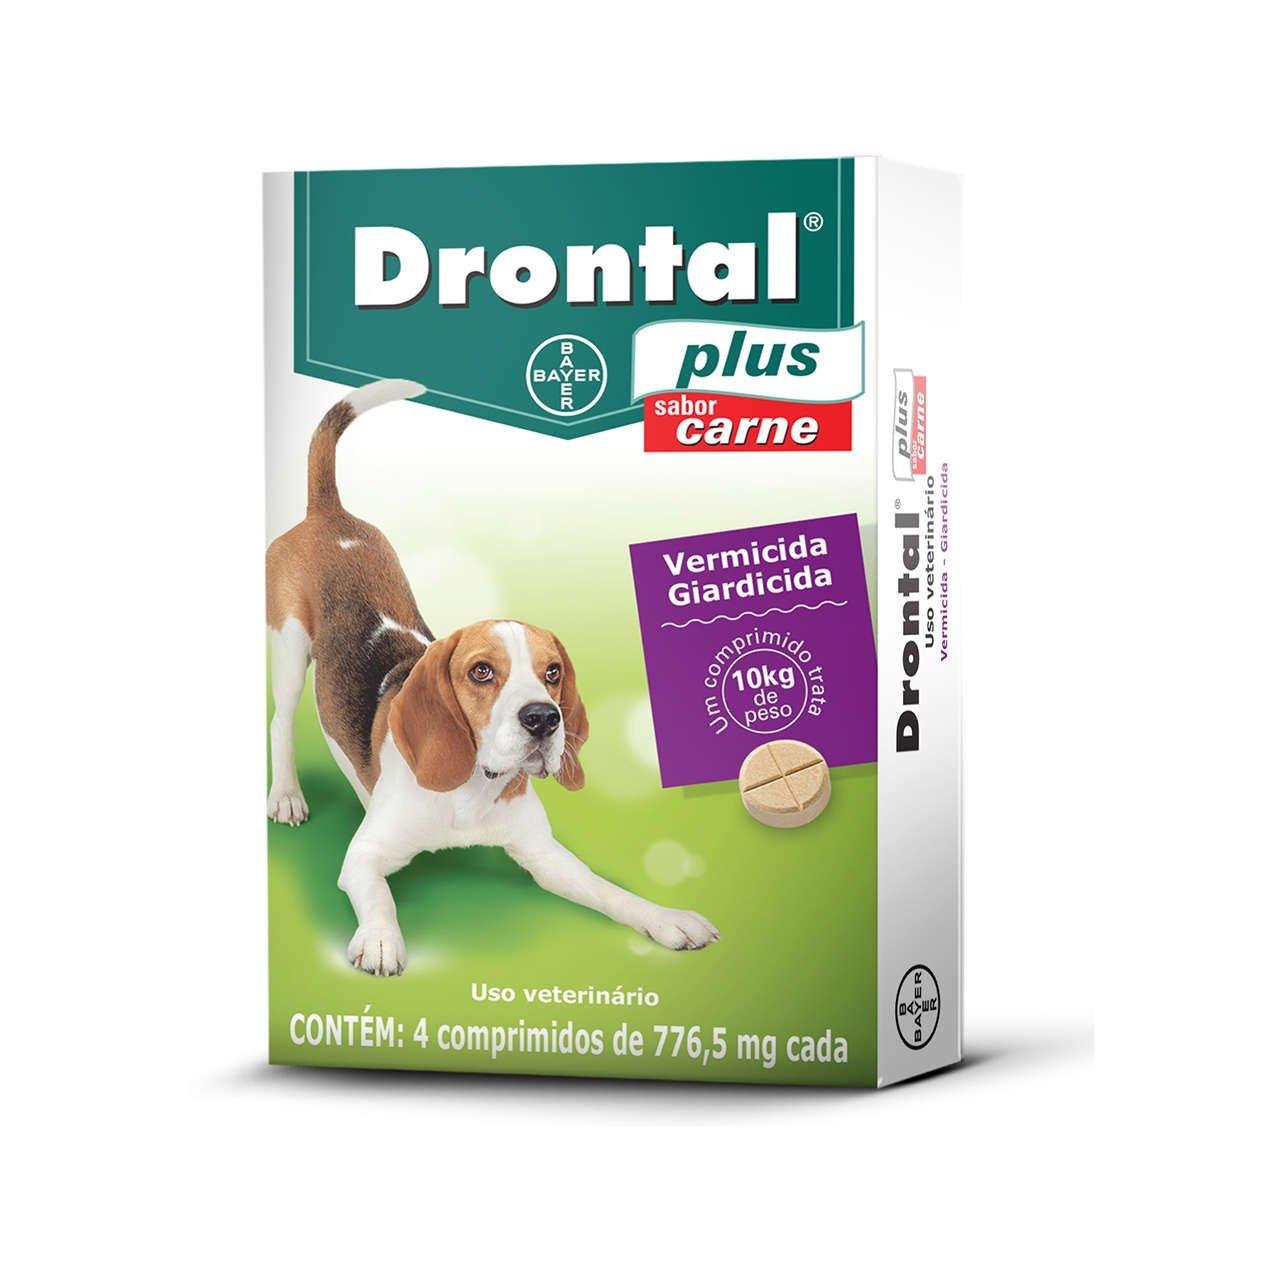 Vermífugo Drontal Plus Carne 10Kg - Caixa com 4 Comprimidos